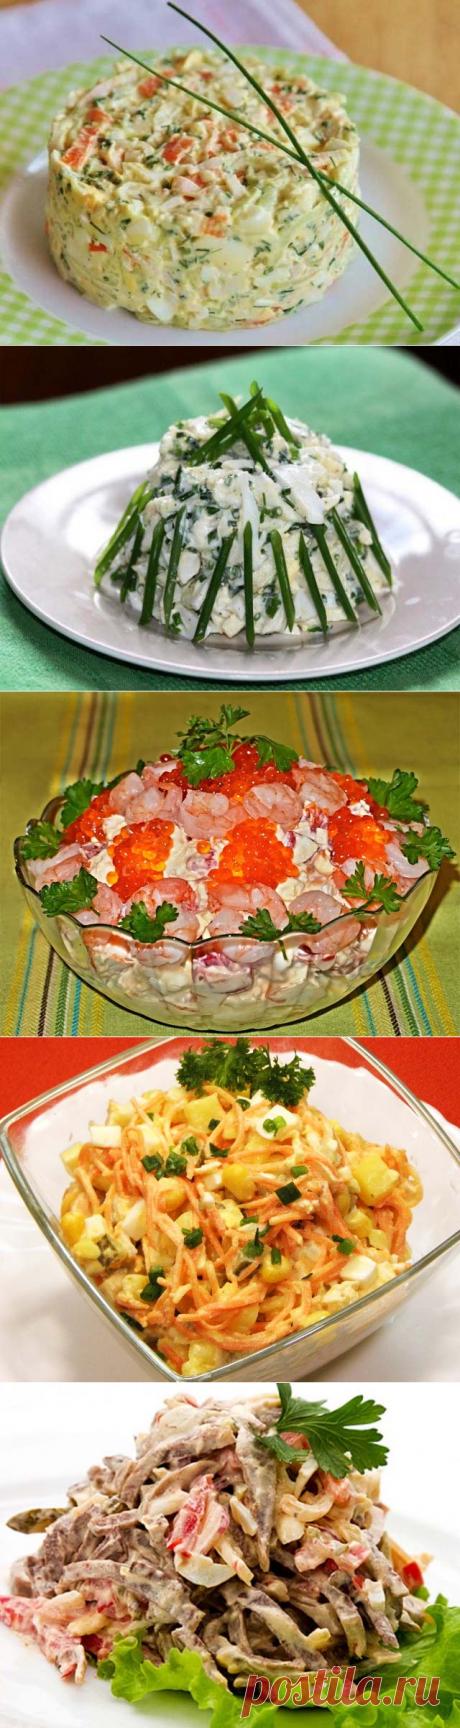 Салаты из кальмаров — 15 простых и очень вкусных рецептов